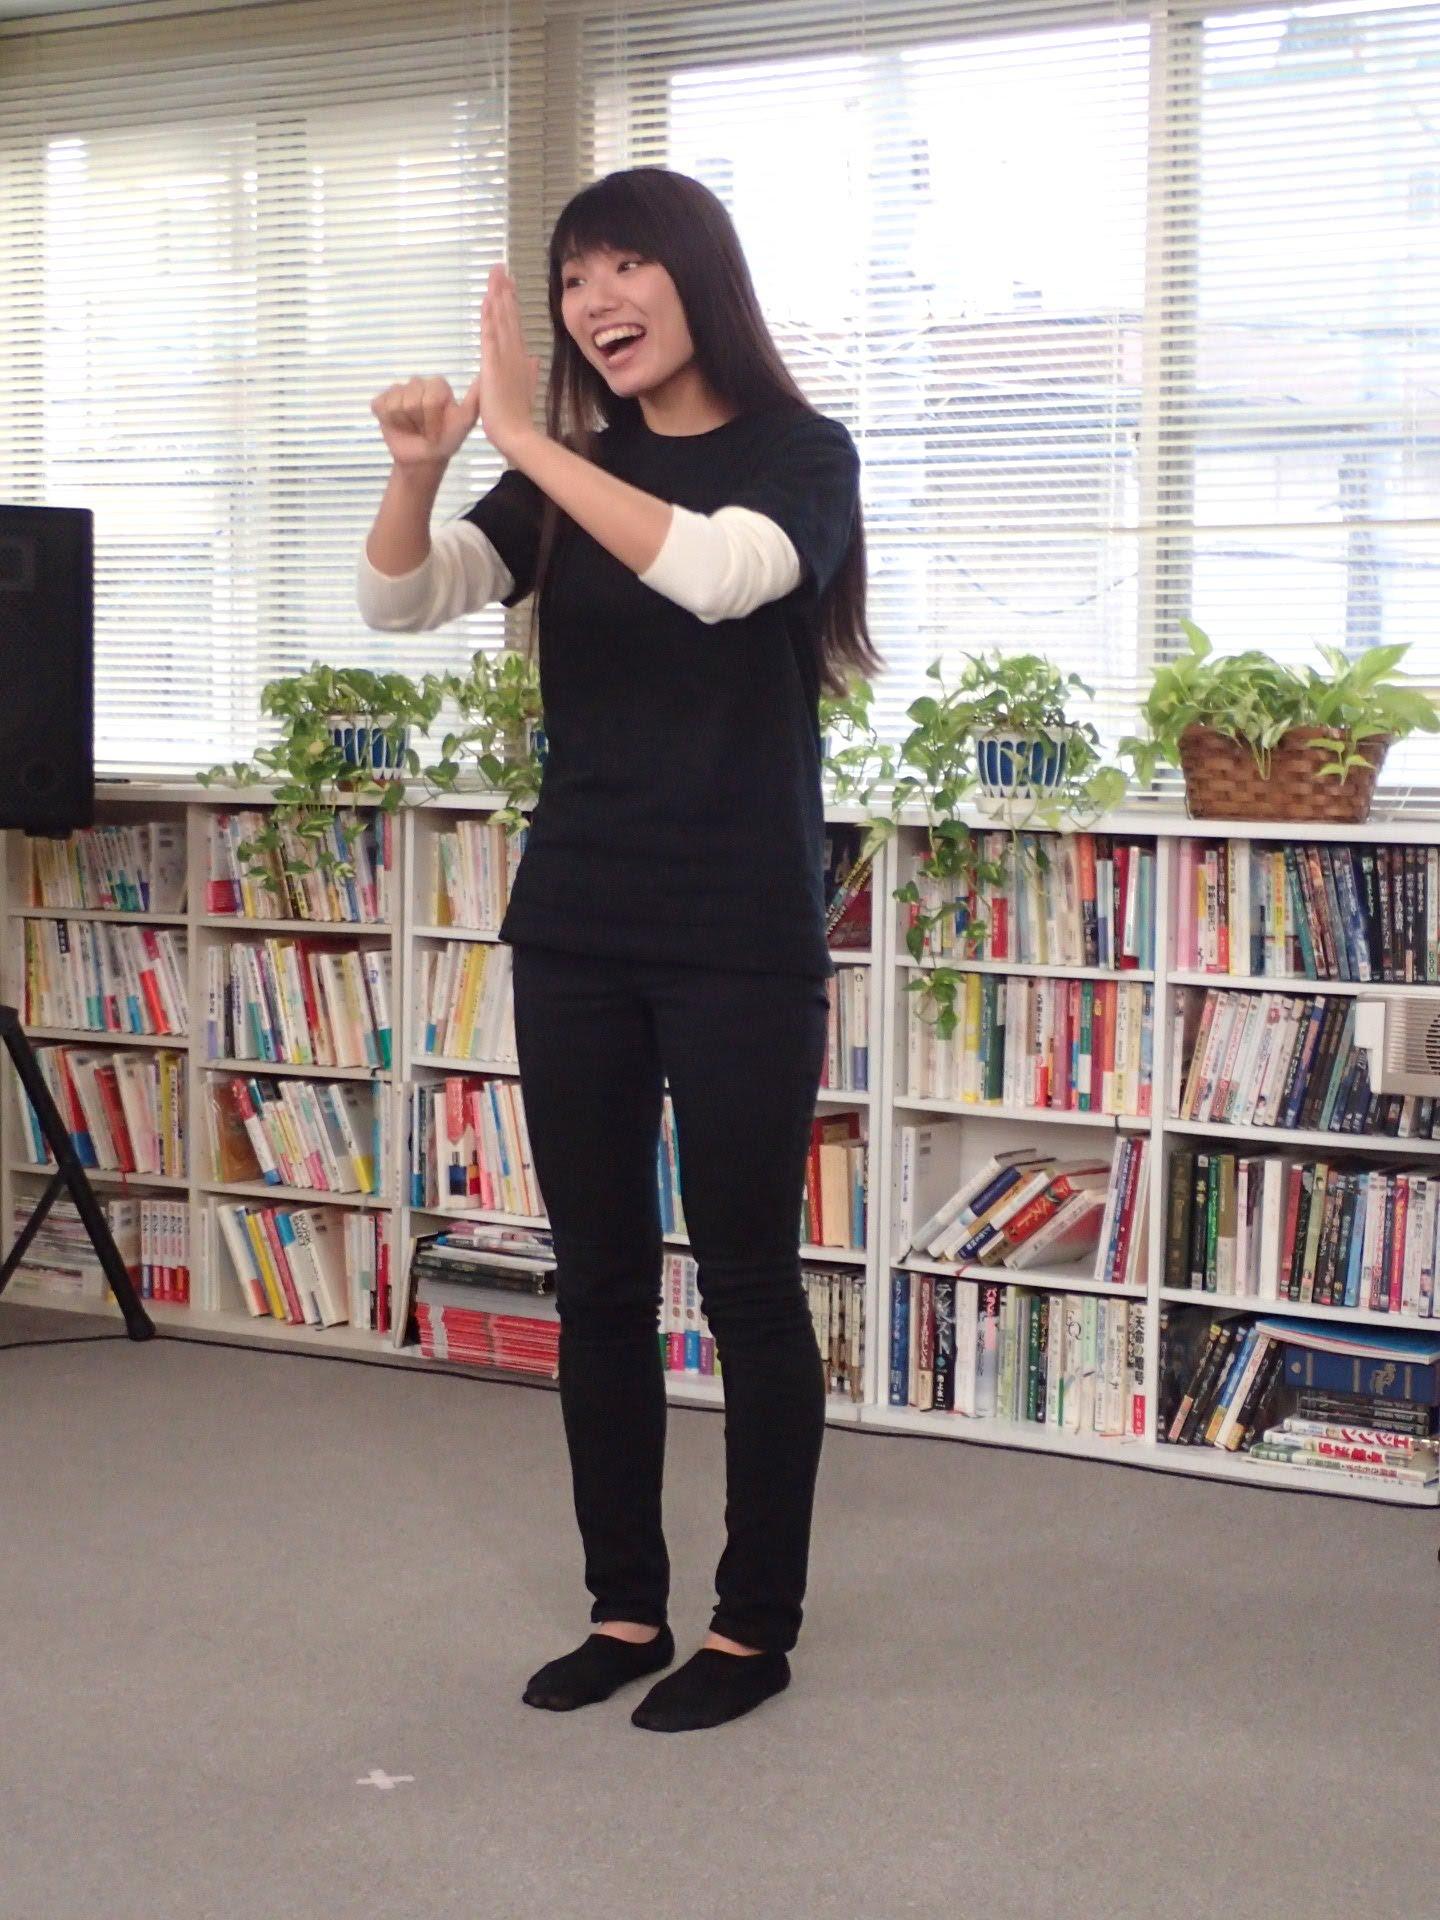 なおちゃんは曲に合わせて手話で歌詞を表現。なかなか難しそうなのに、笑顔ですっごく素敵でした!!